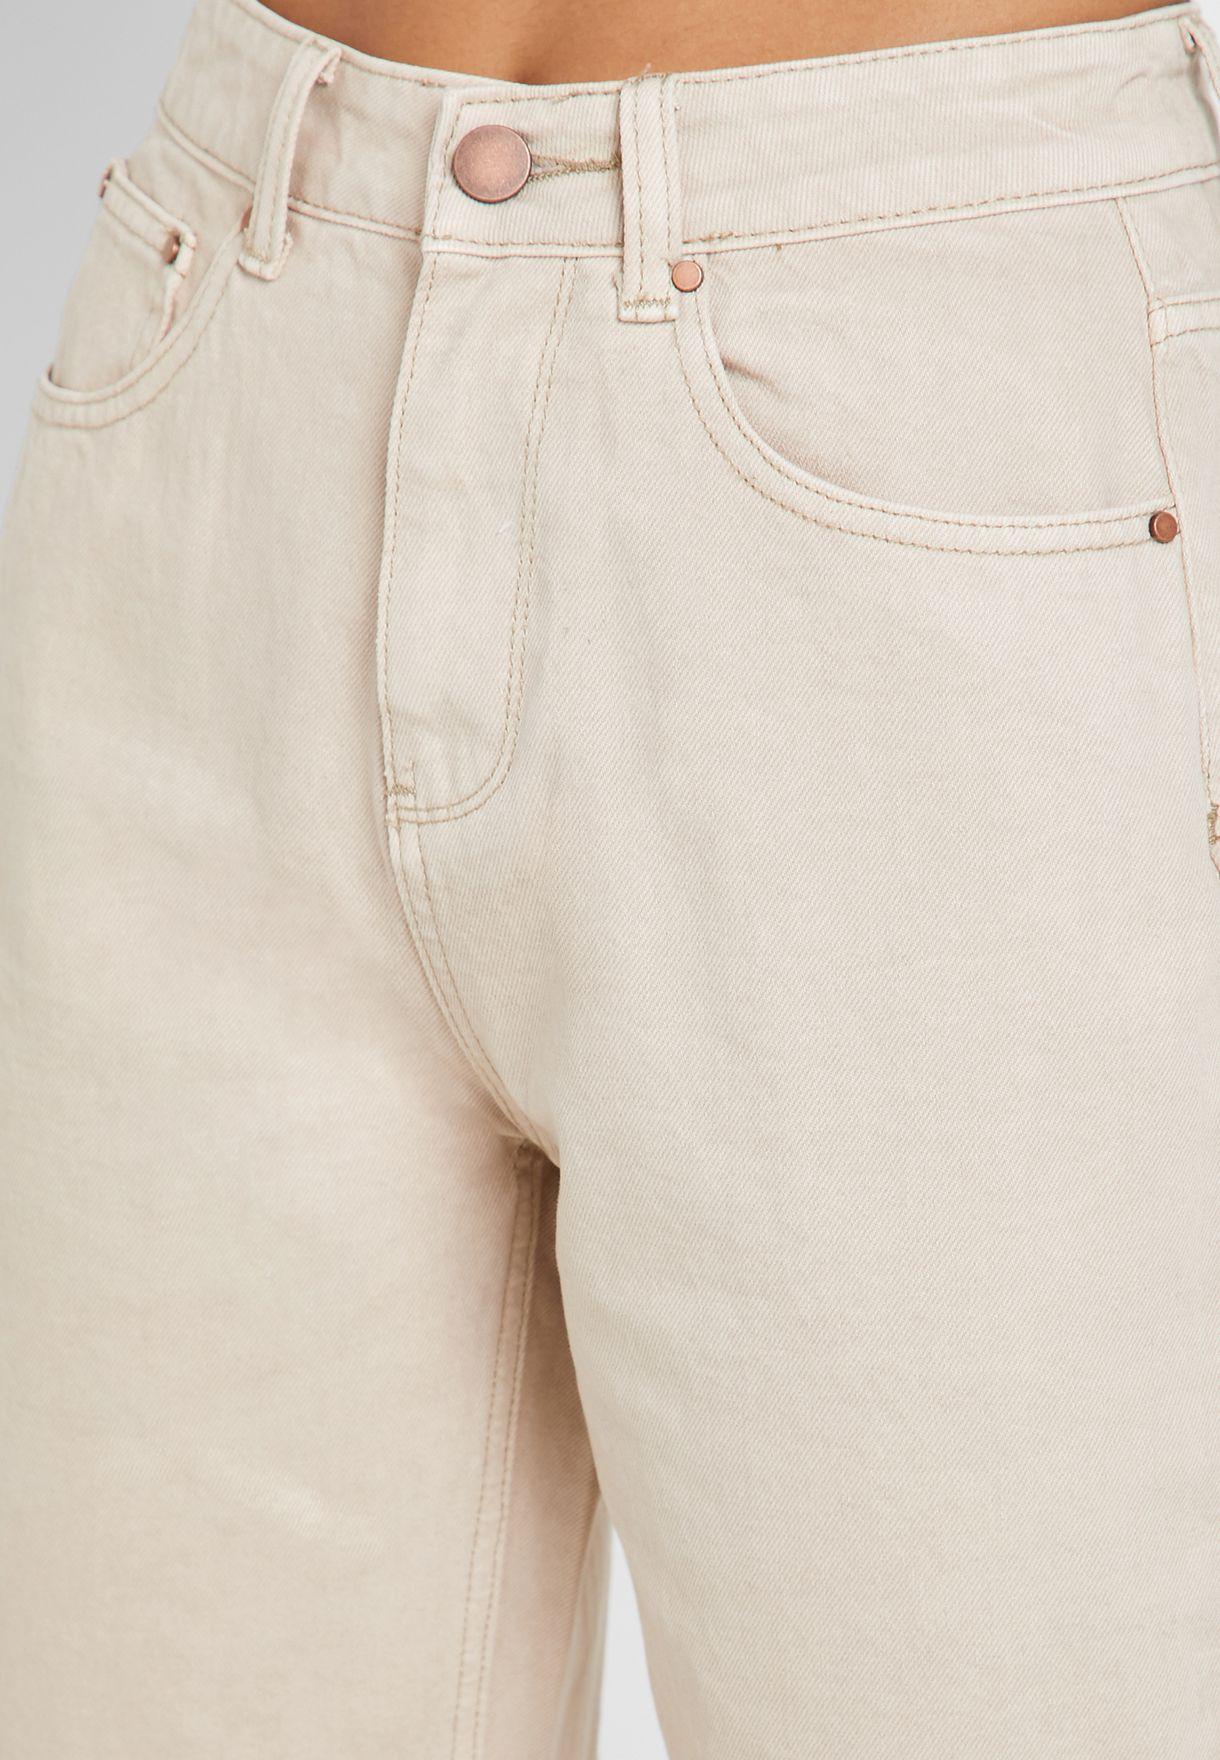 جينز بخصر عالي وحواف غير مدروزة